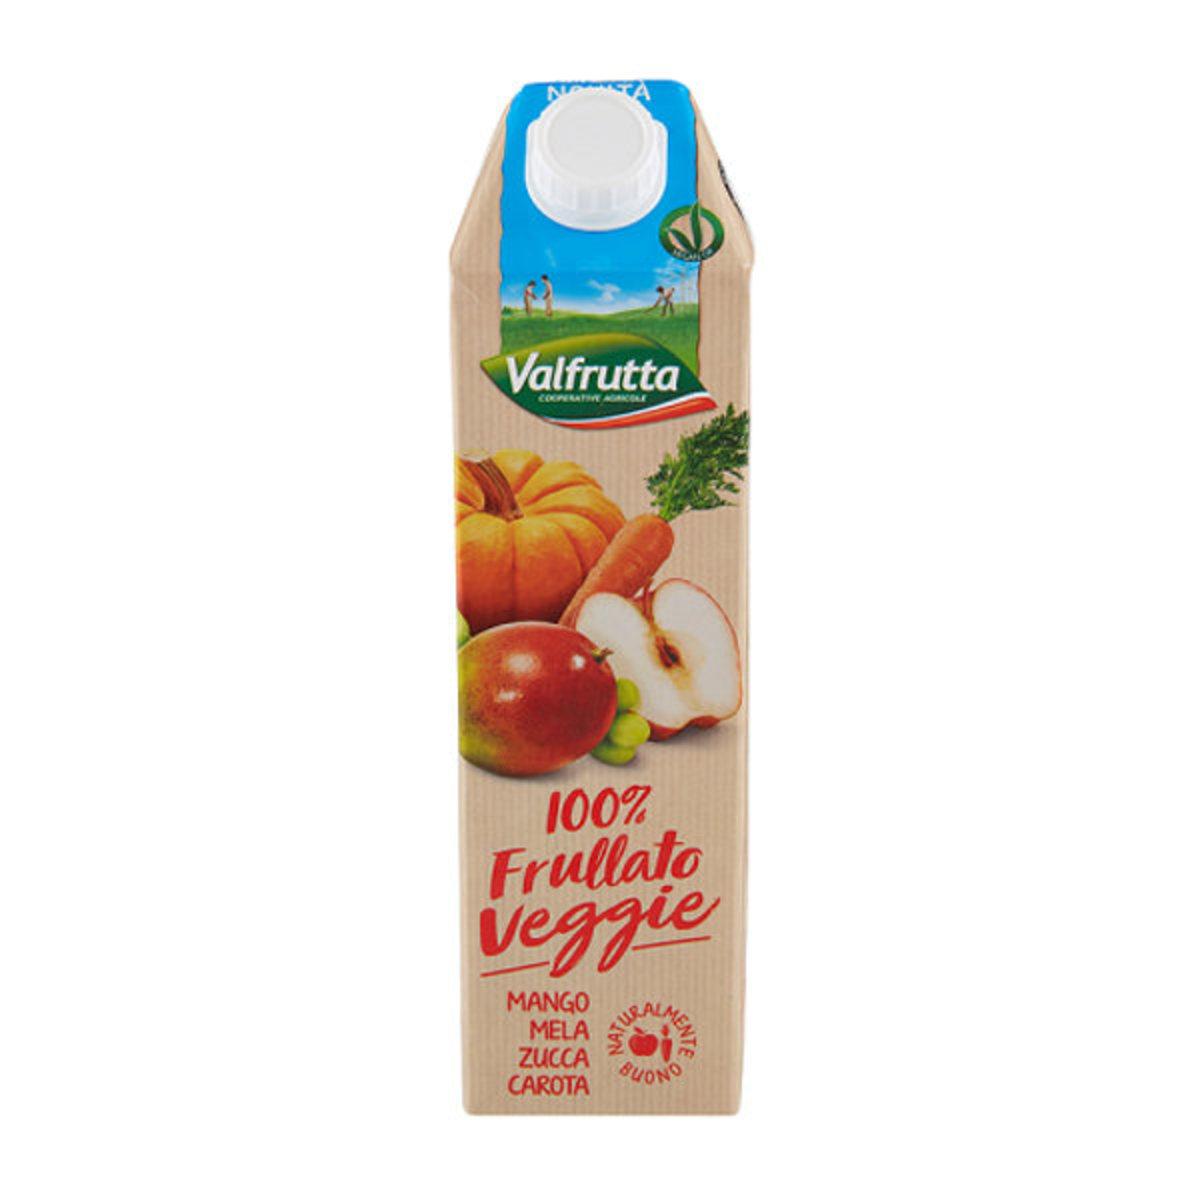 意大利蔬果汁 1公升–陽光綜合(到期日: 2020年4月)